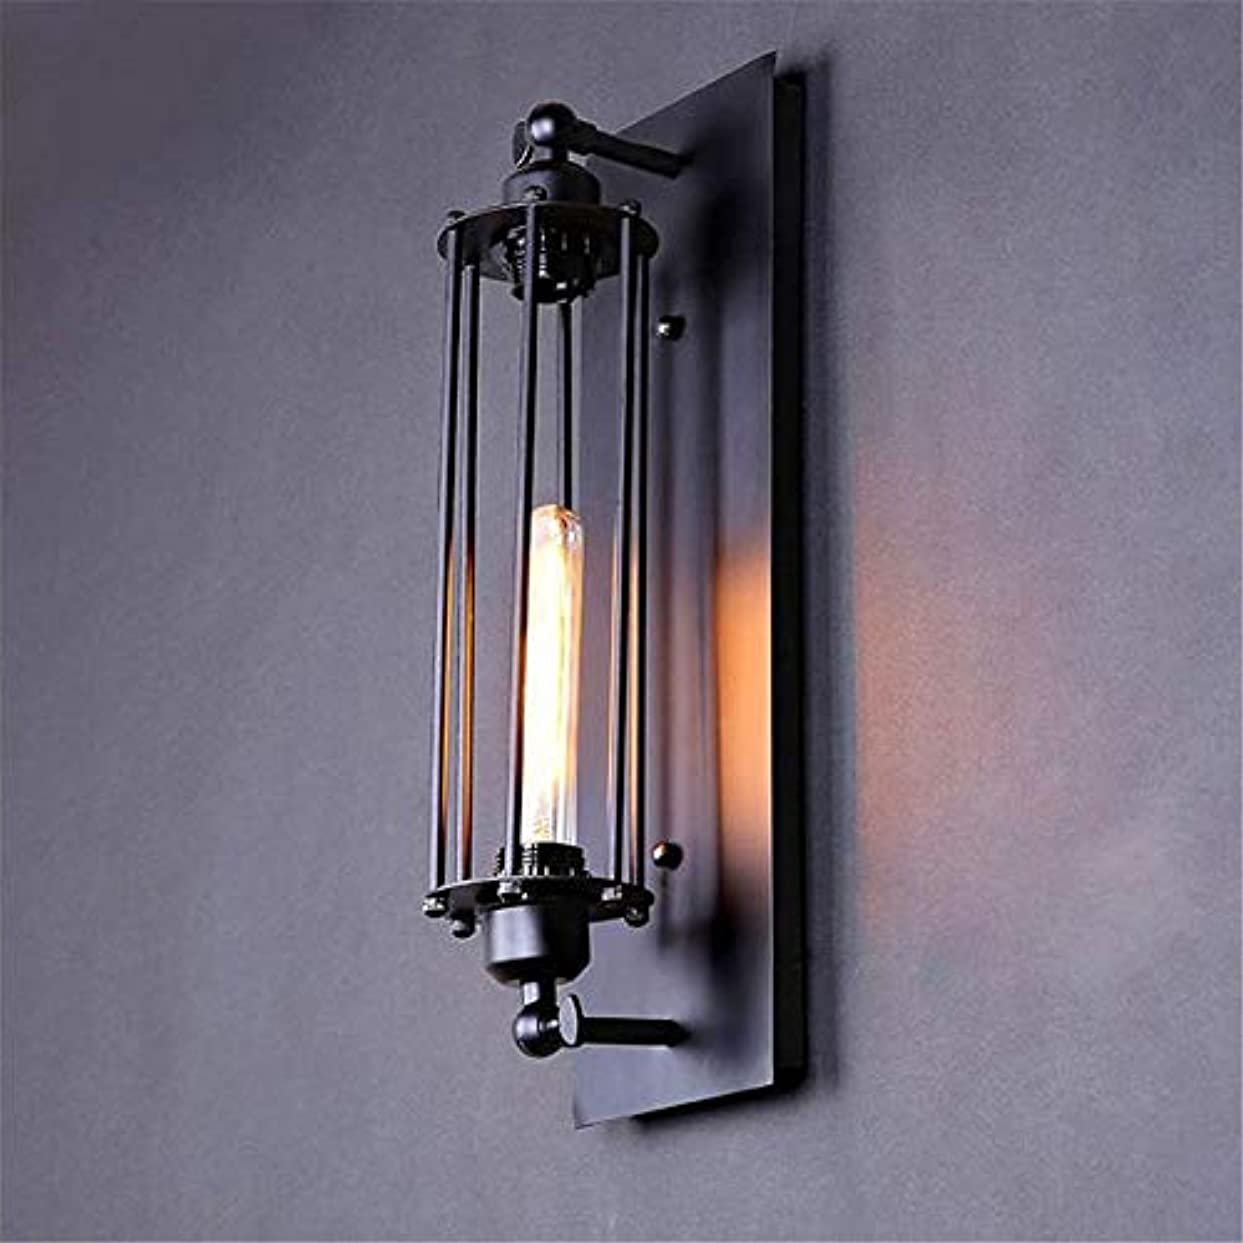 解説絡み合い慎重に壁面ライト, ロフトウォールランプウォールライトライトベッドサイドウォール備品燭台ランプホームデコレーションランプ AI LI WEI